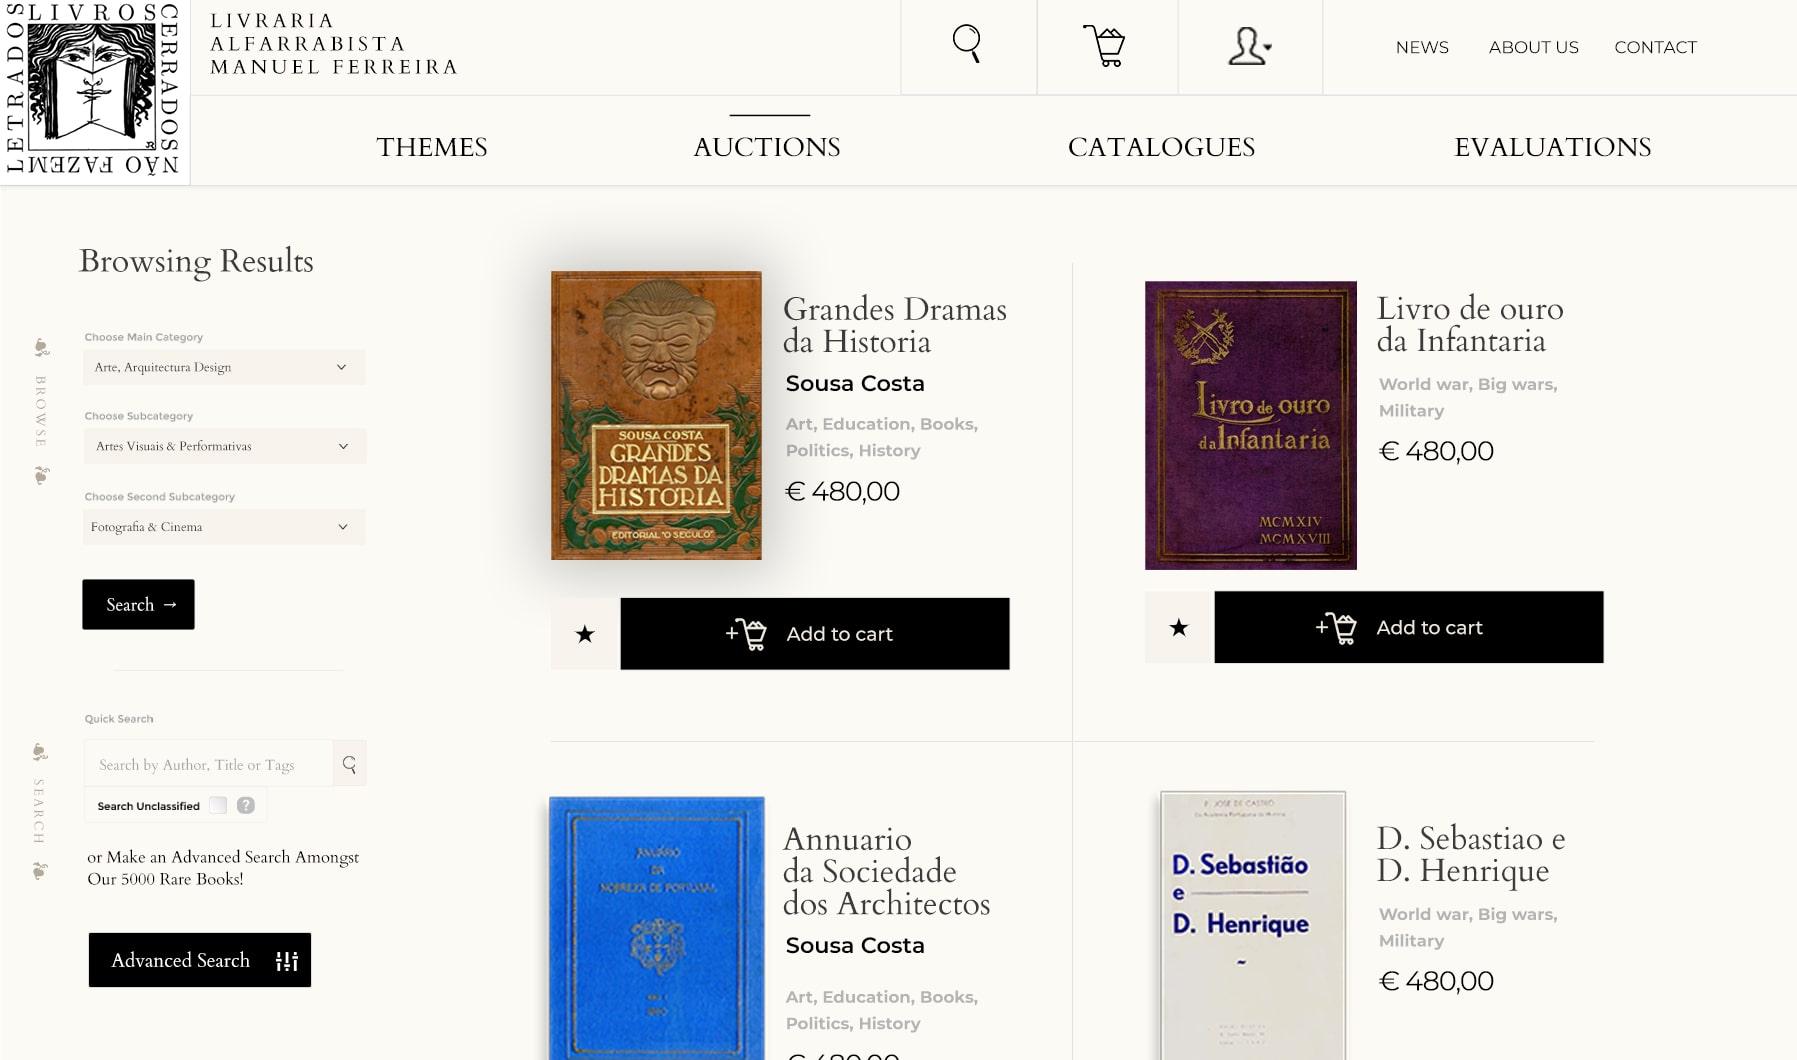 Livraria Manuel Ferreira - Portfolio Image7